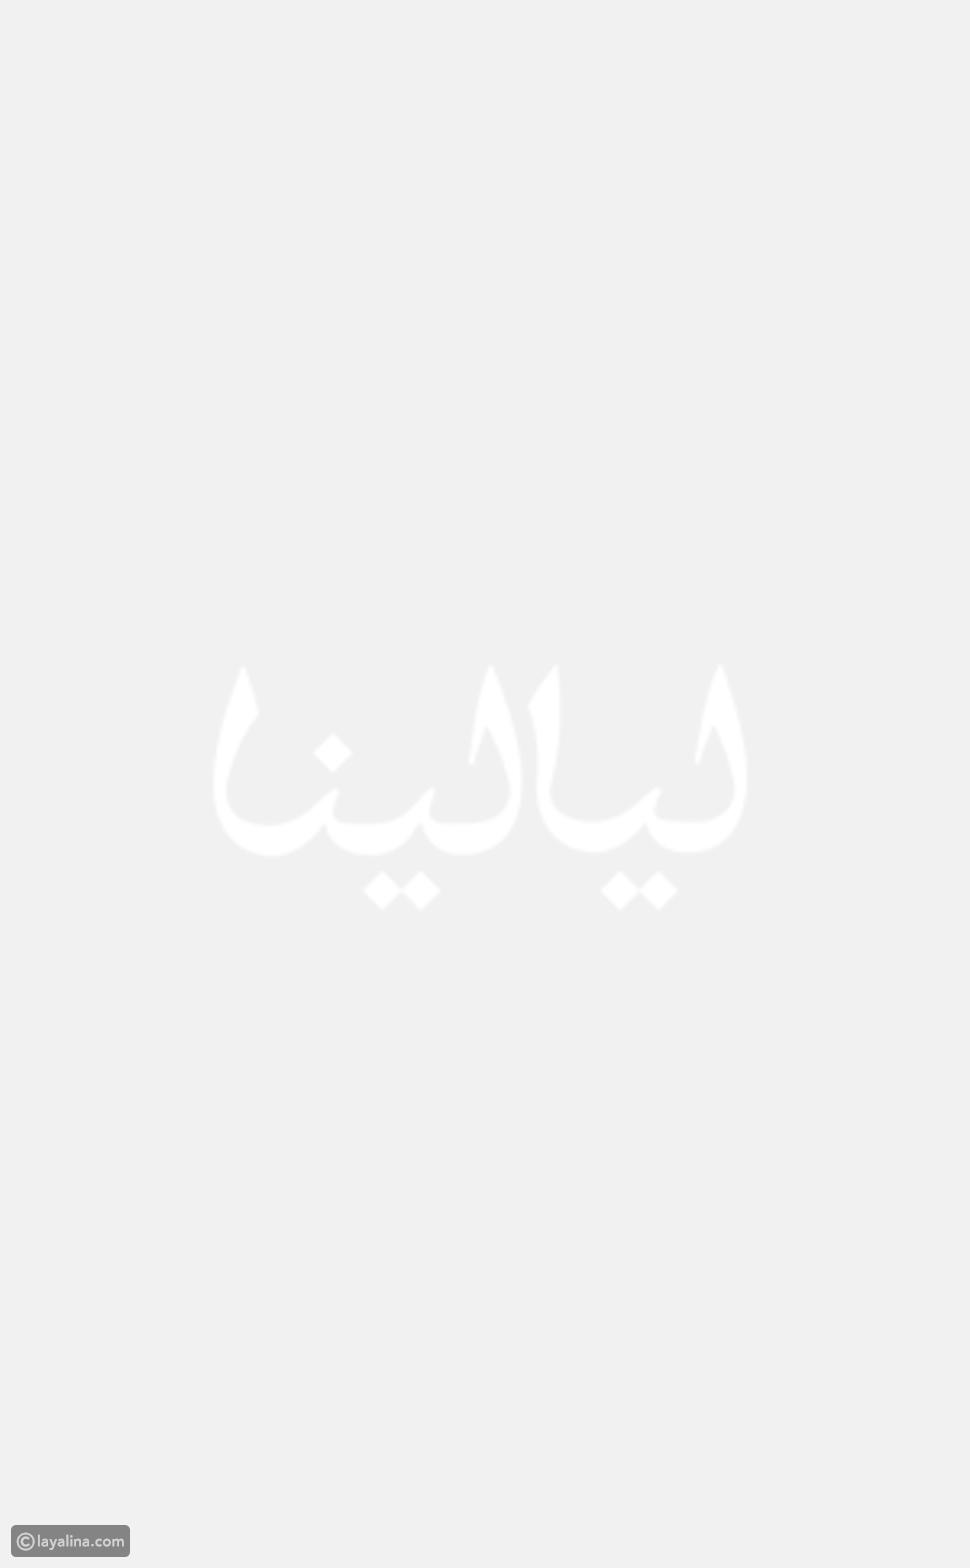 ثلاث إطلالات للملكة رانيا العبدالله والأميرة للا سلمى ستجعلك تعشقين الملابس الرسمية